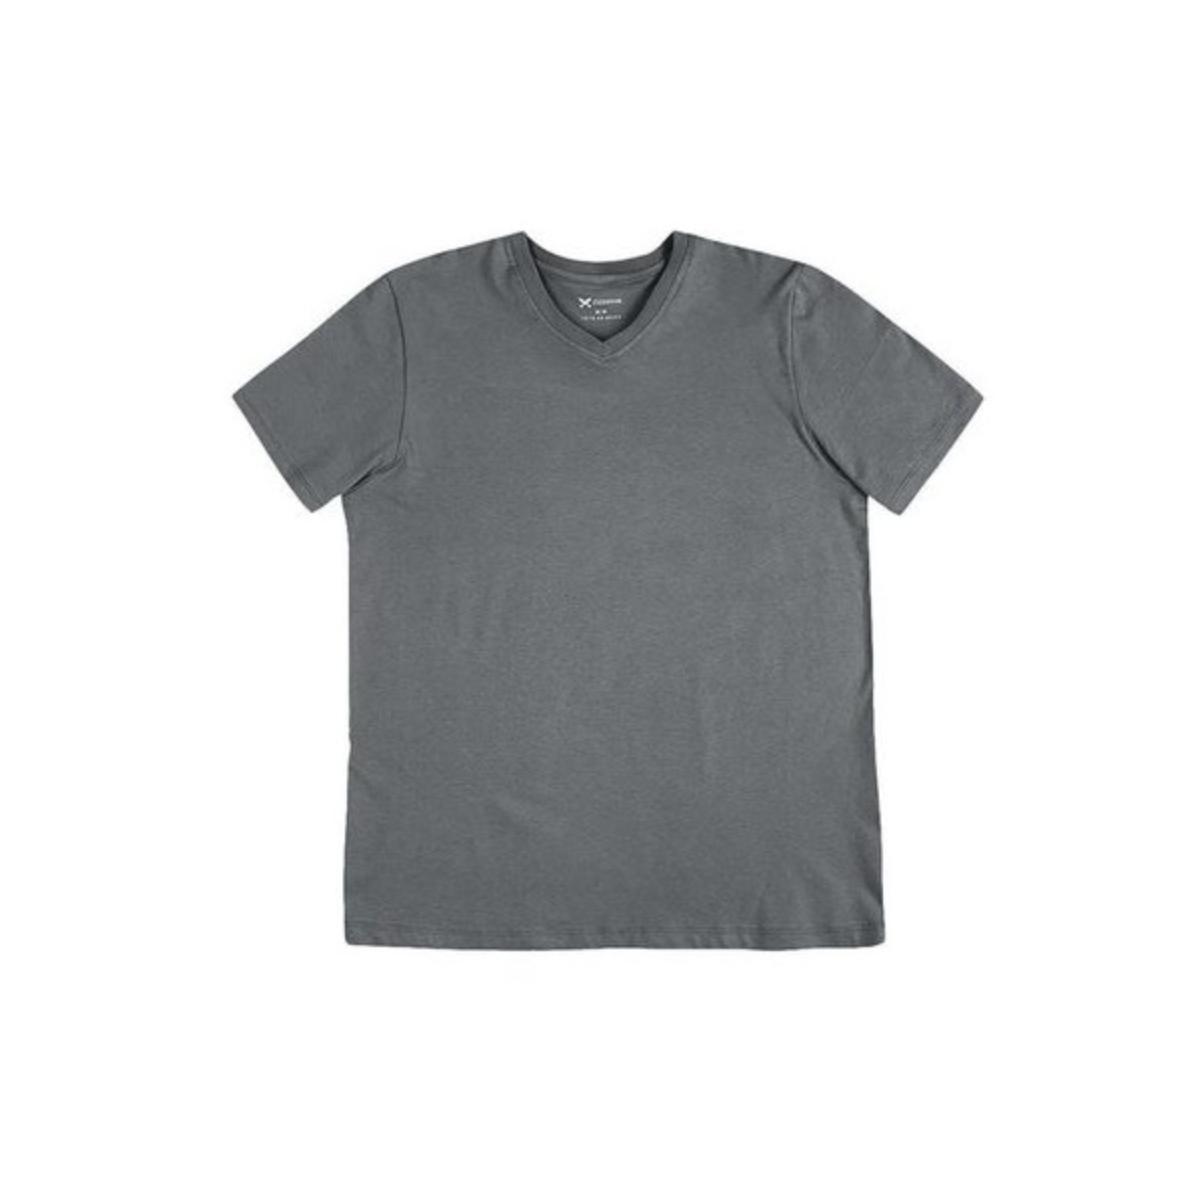 Camiseta Masculina Hering 022b Nhr07s Chumbo